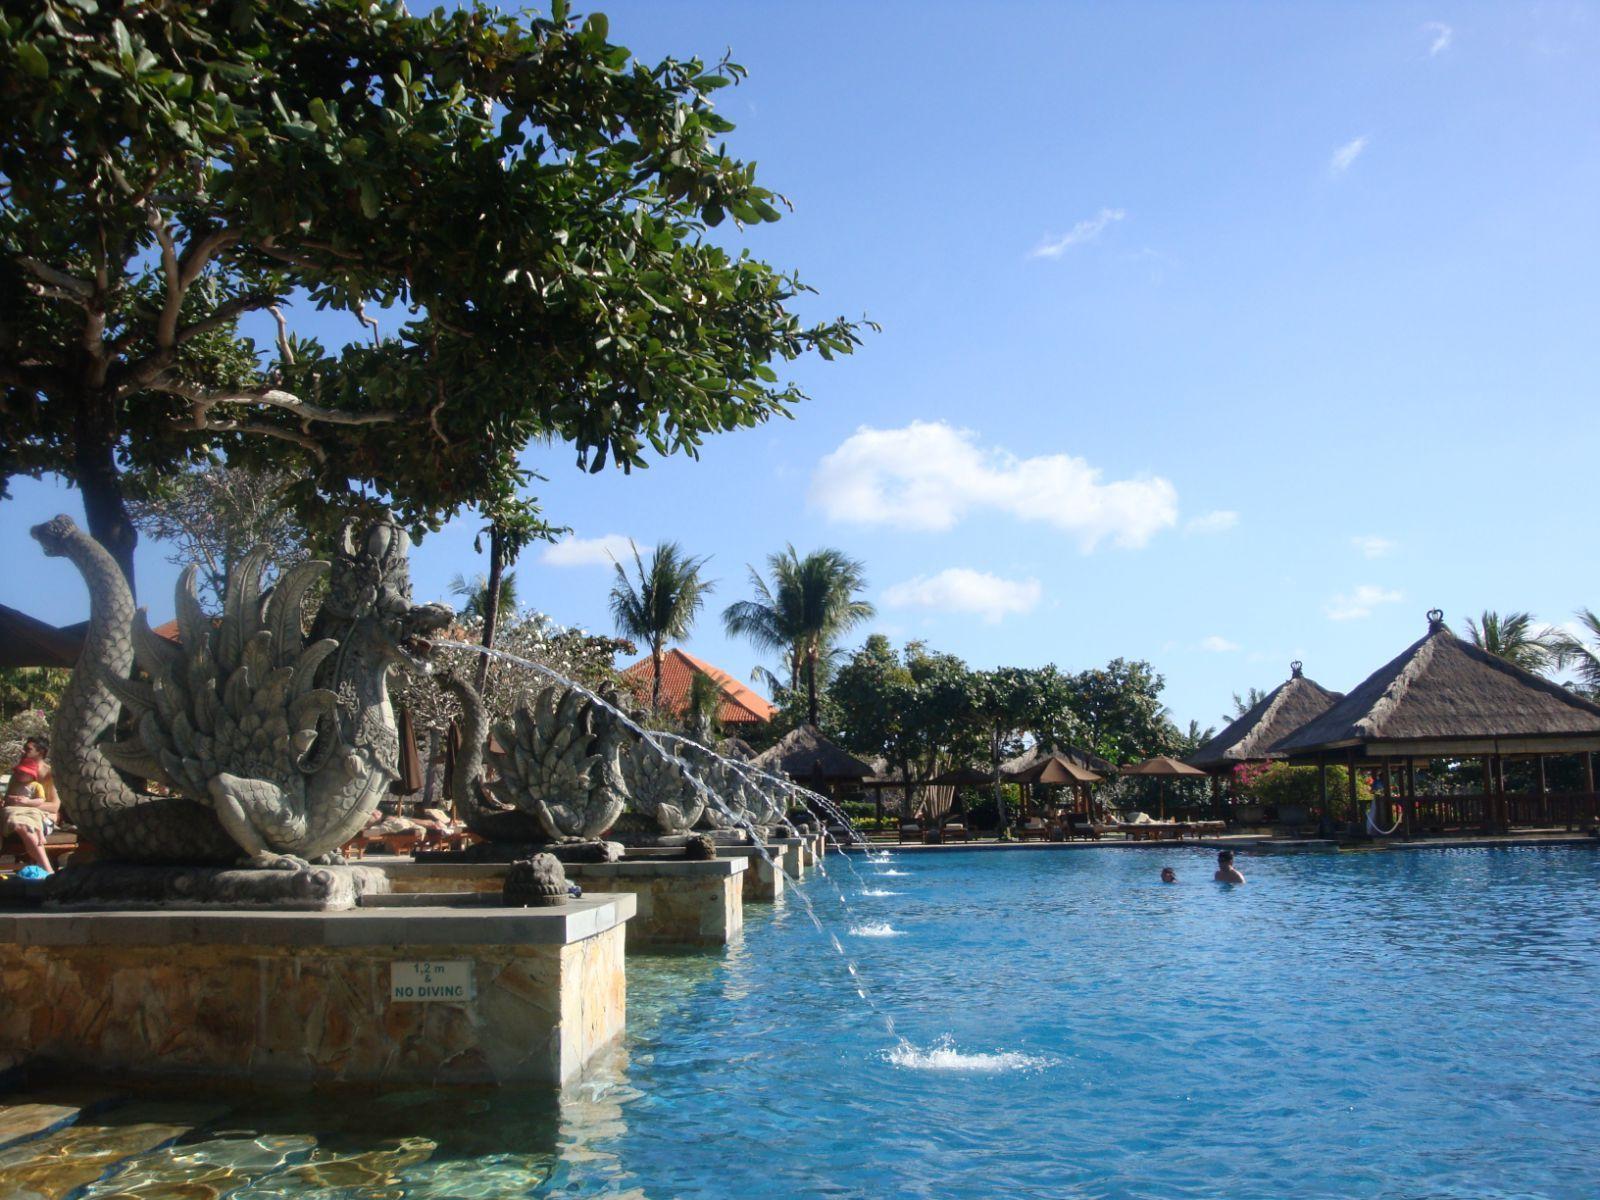 泳池旁喷水的雕像,巴厘岛随便一个雕像都像是艺术品